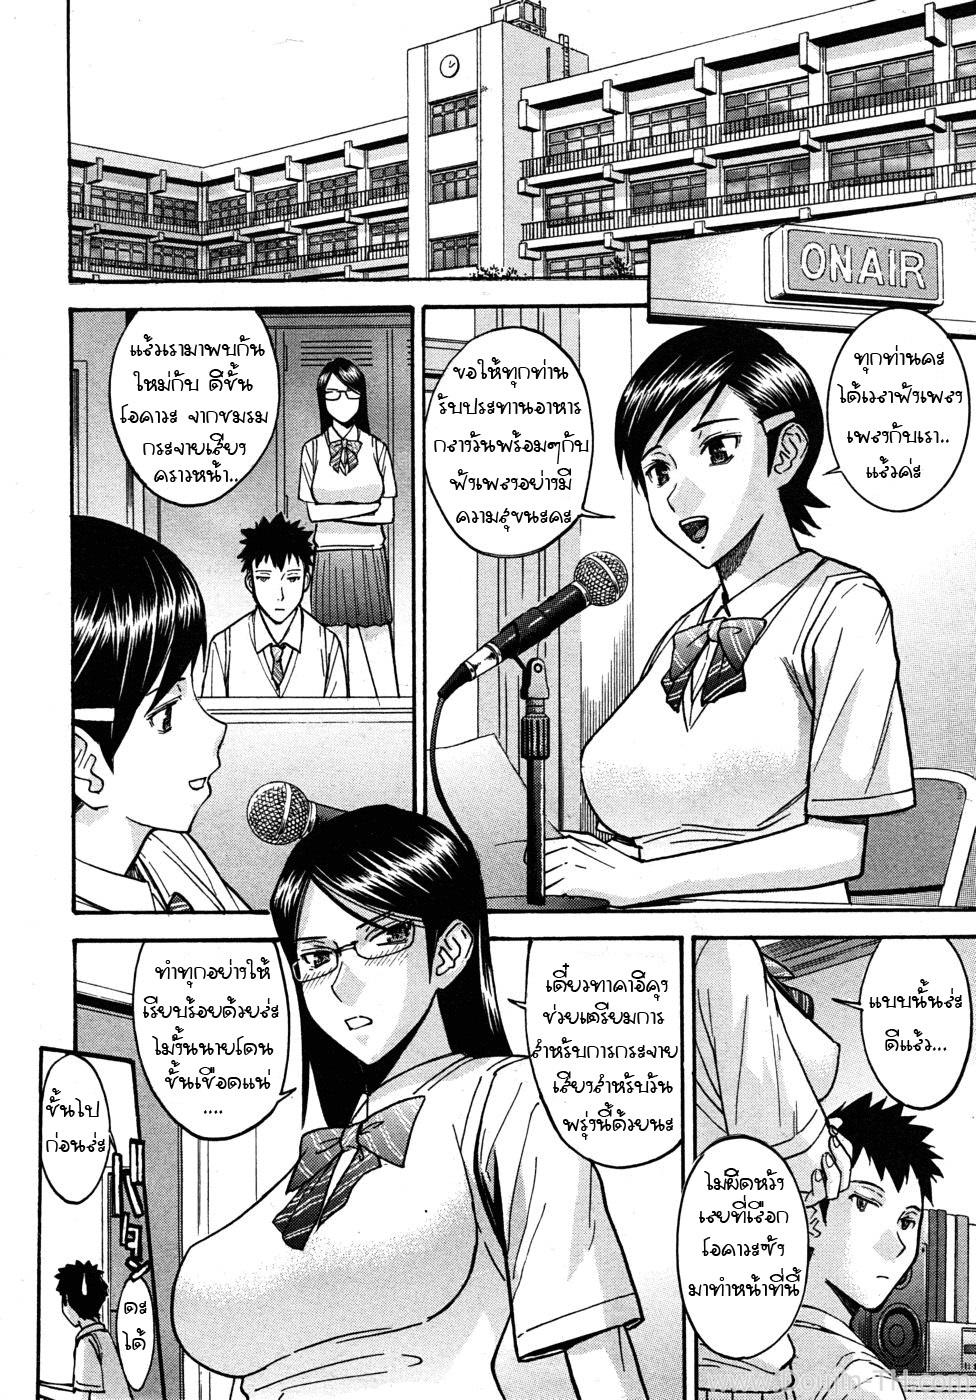 ห้องกระจายเสียง เซ็กส์ - หน้า 2